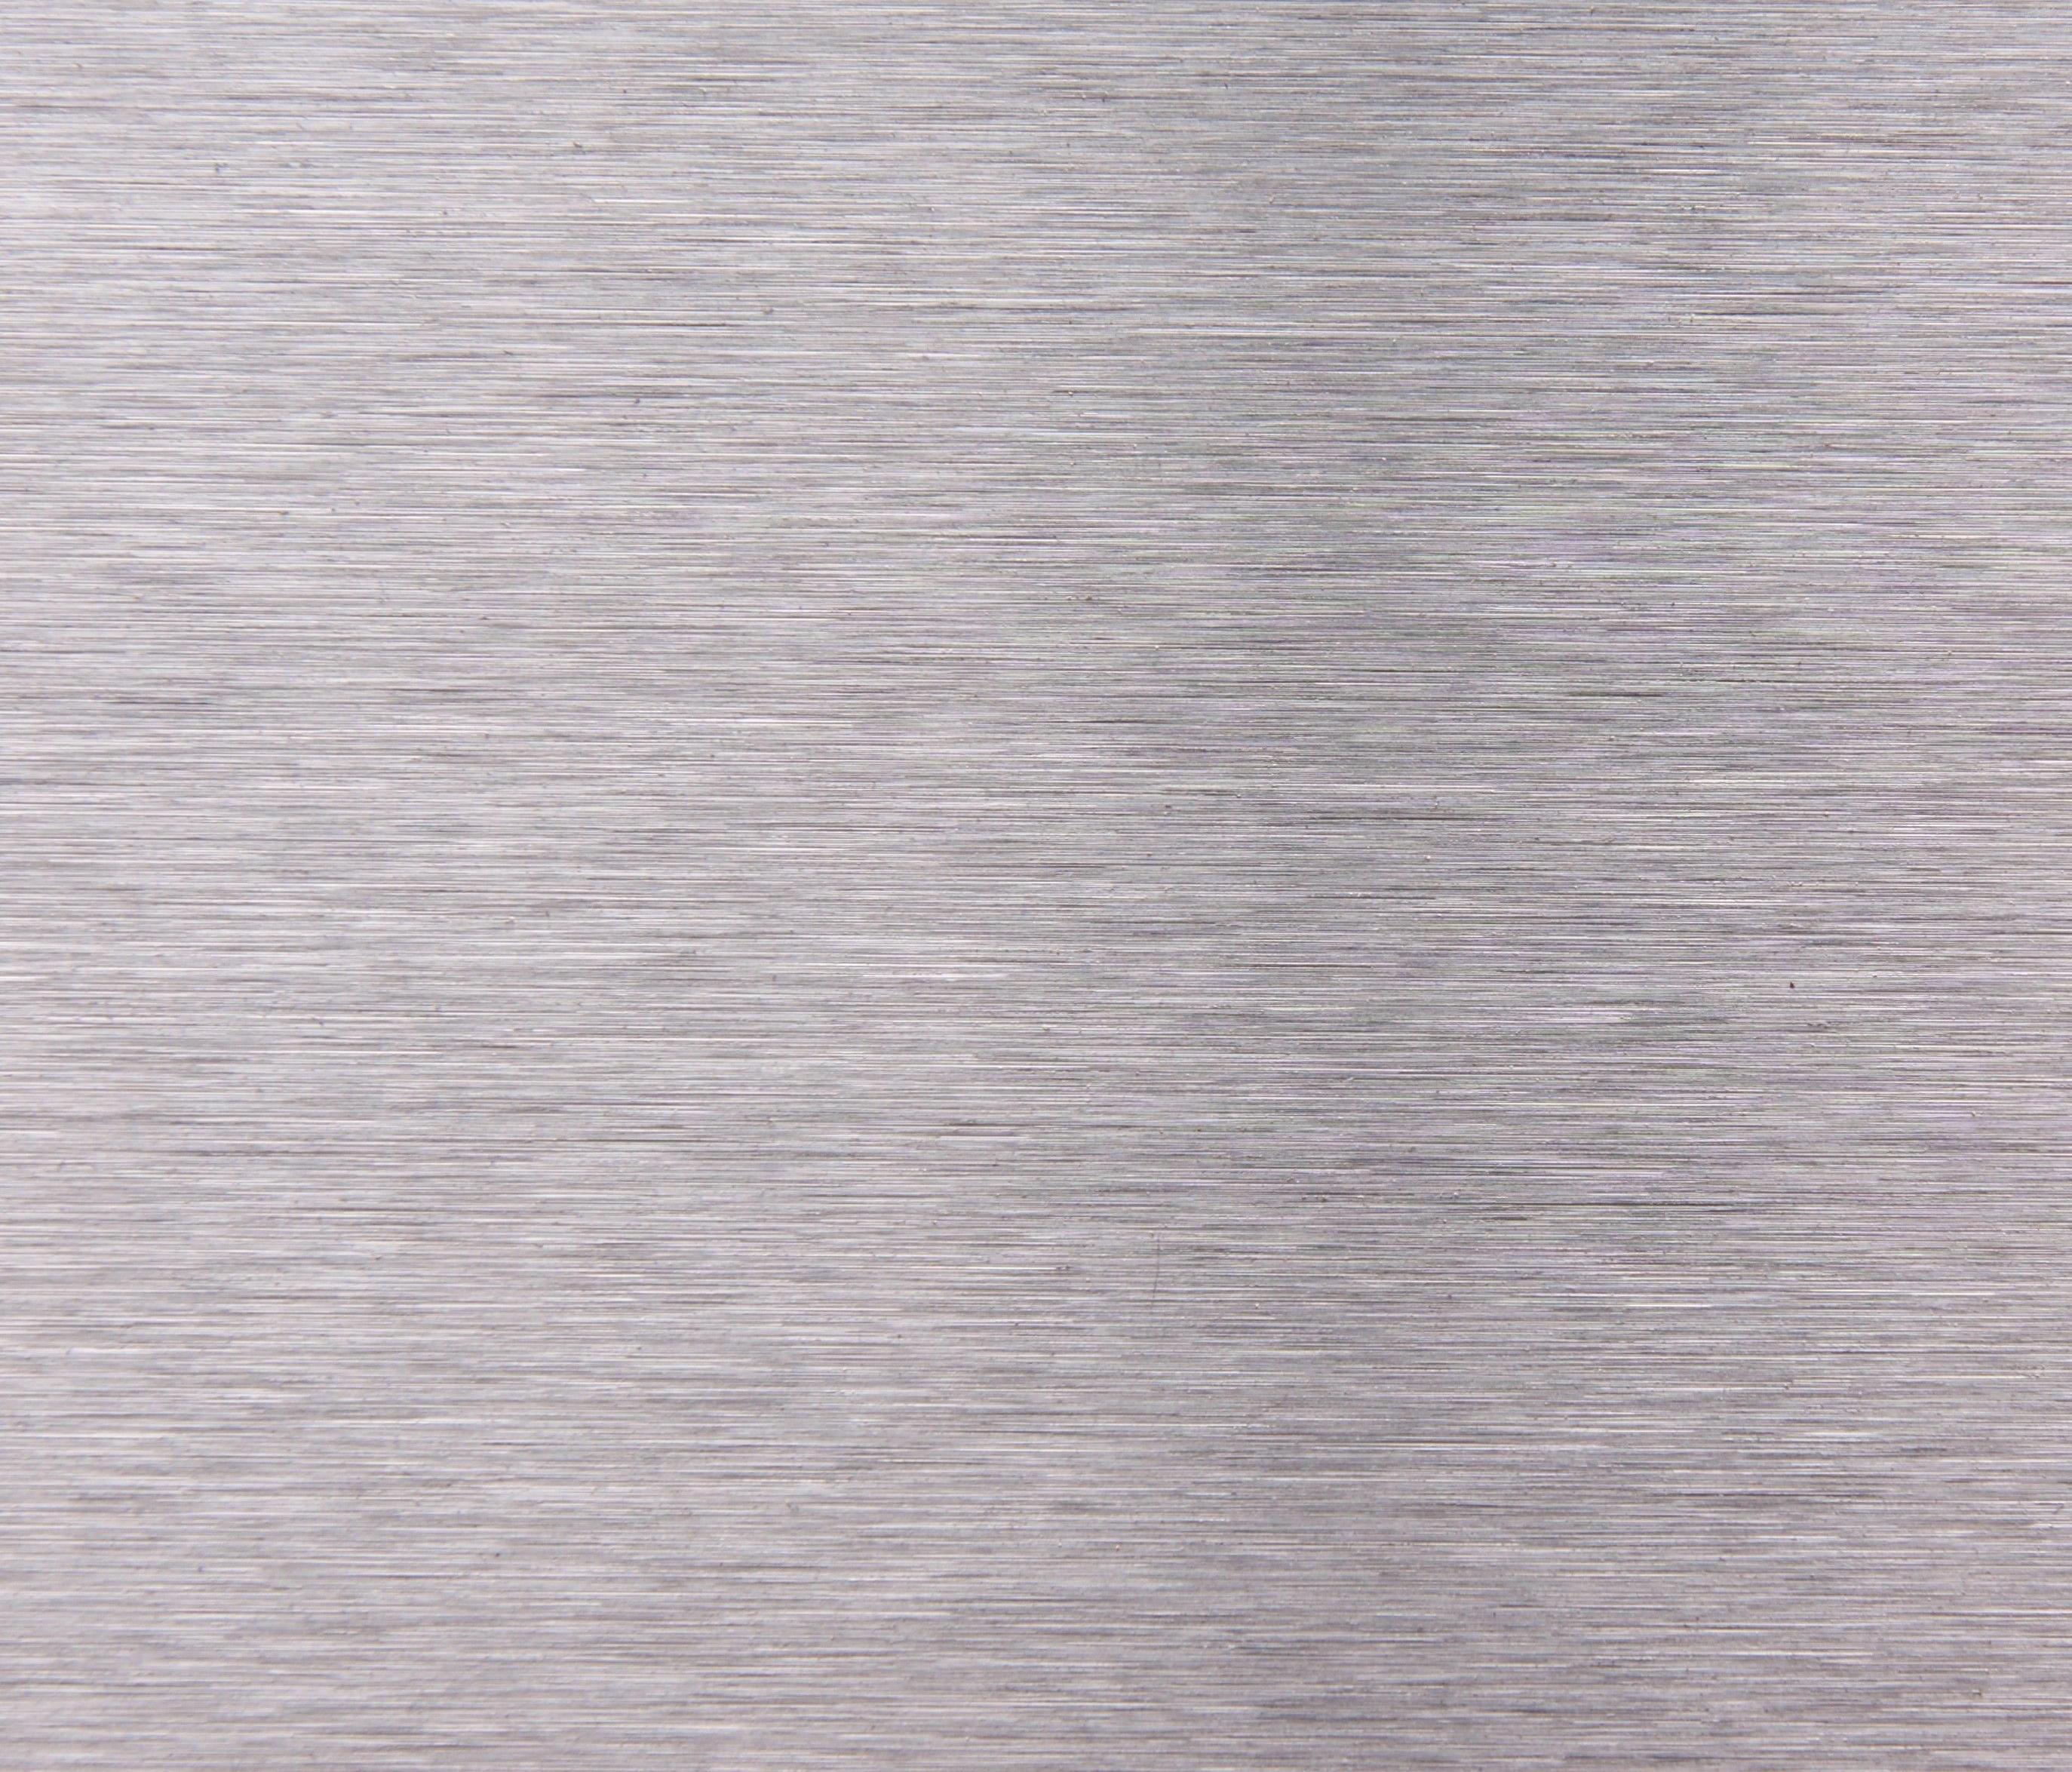 edelstahl schliff grob 370 bleche von inox. Black Bedroom Furniture Sets. Home Design Ideas